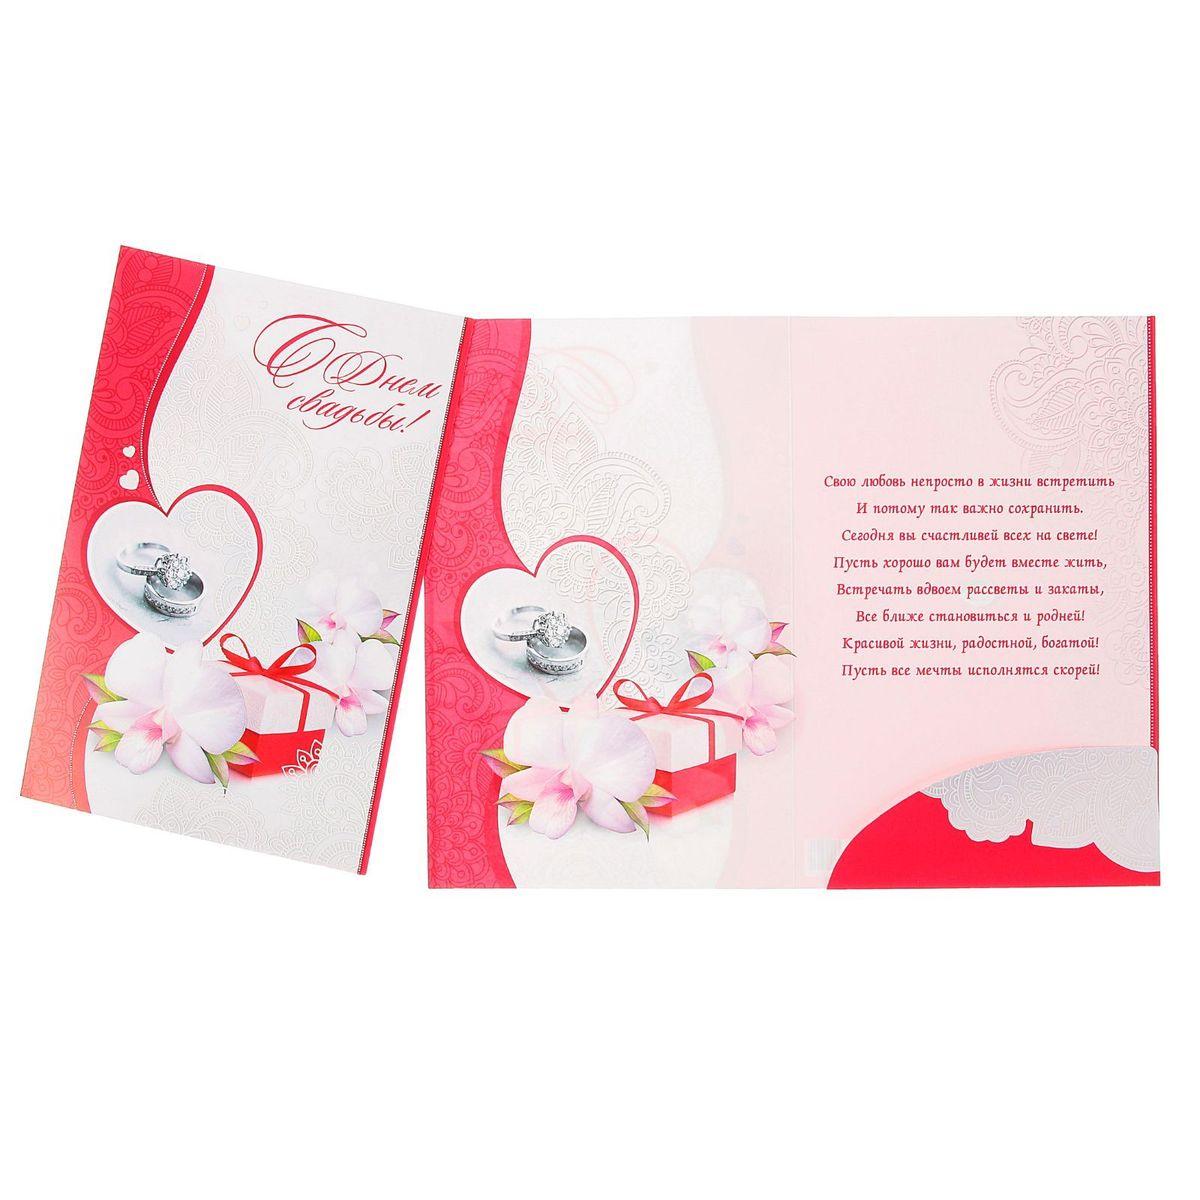 Открытка Мир открыток С Днем свадьбы! Кольца1216632Если вы хотите порадовать себя или близких, создать праздничное настроение и с улыбкой провести памятный день, то вы, несомненно, сделали правильный выбор! Открытка Мир открыток С Днем свадьбы! Кольца, выполненная из картона, отличается не только оригинальным дизайном, но и высоким качеством. Лицевая сторона изделия оформлена красивым изображением колец и цветов, а также изысканным узором. Внутри открытка содержит текст с поздравлением и карман для денег. Такая открытка непременно порадует получателя и станет отличным напоминанием о проведенном вместе времени.